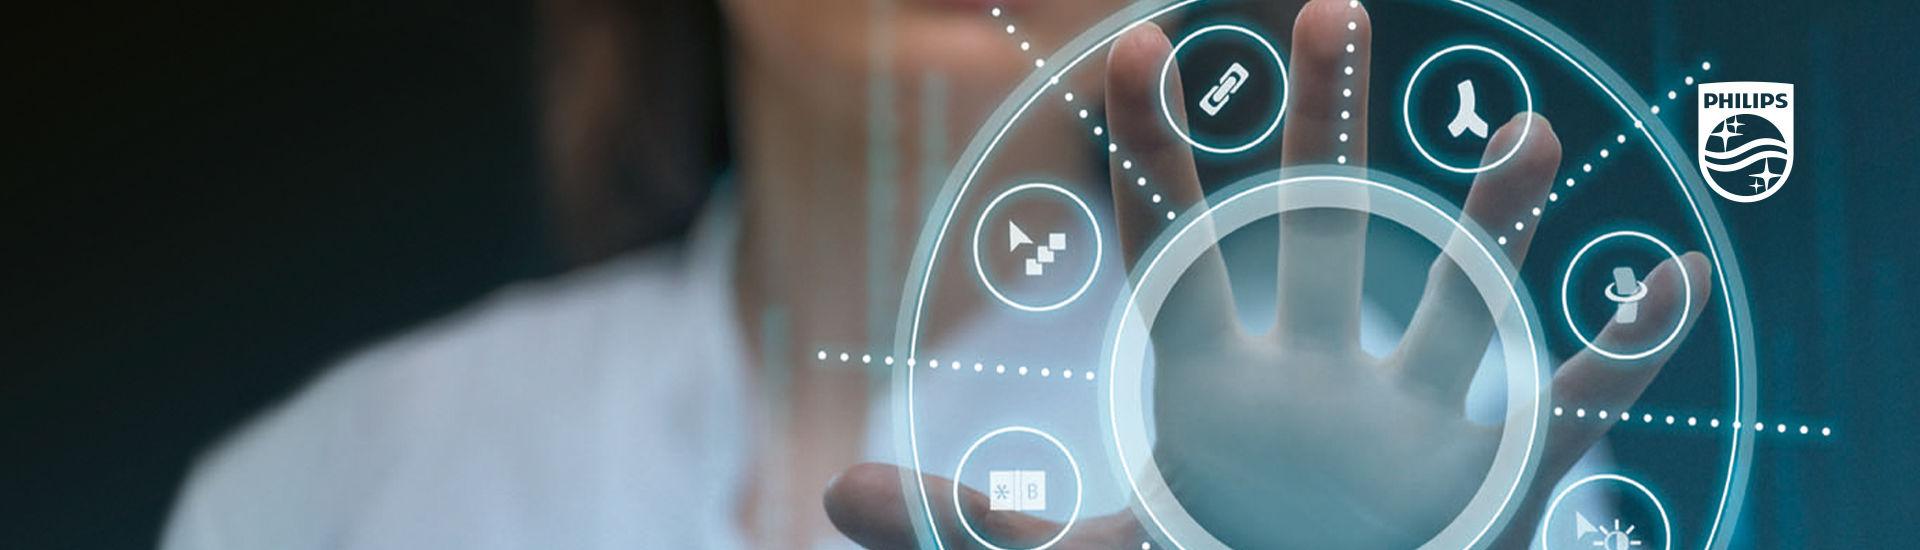 Vernetzung von Daten und Technologien steigert die Effizienz